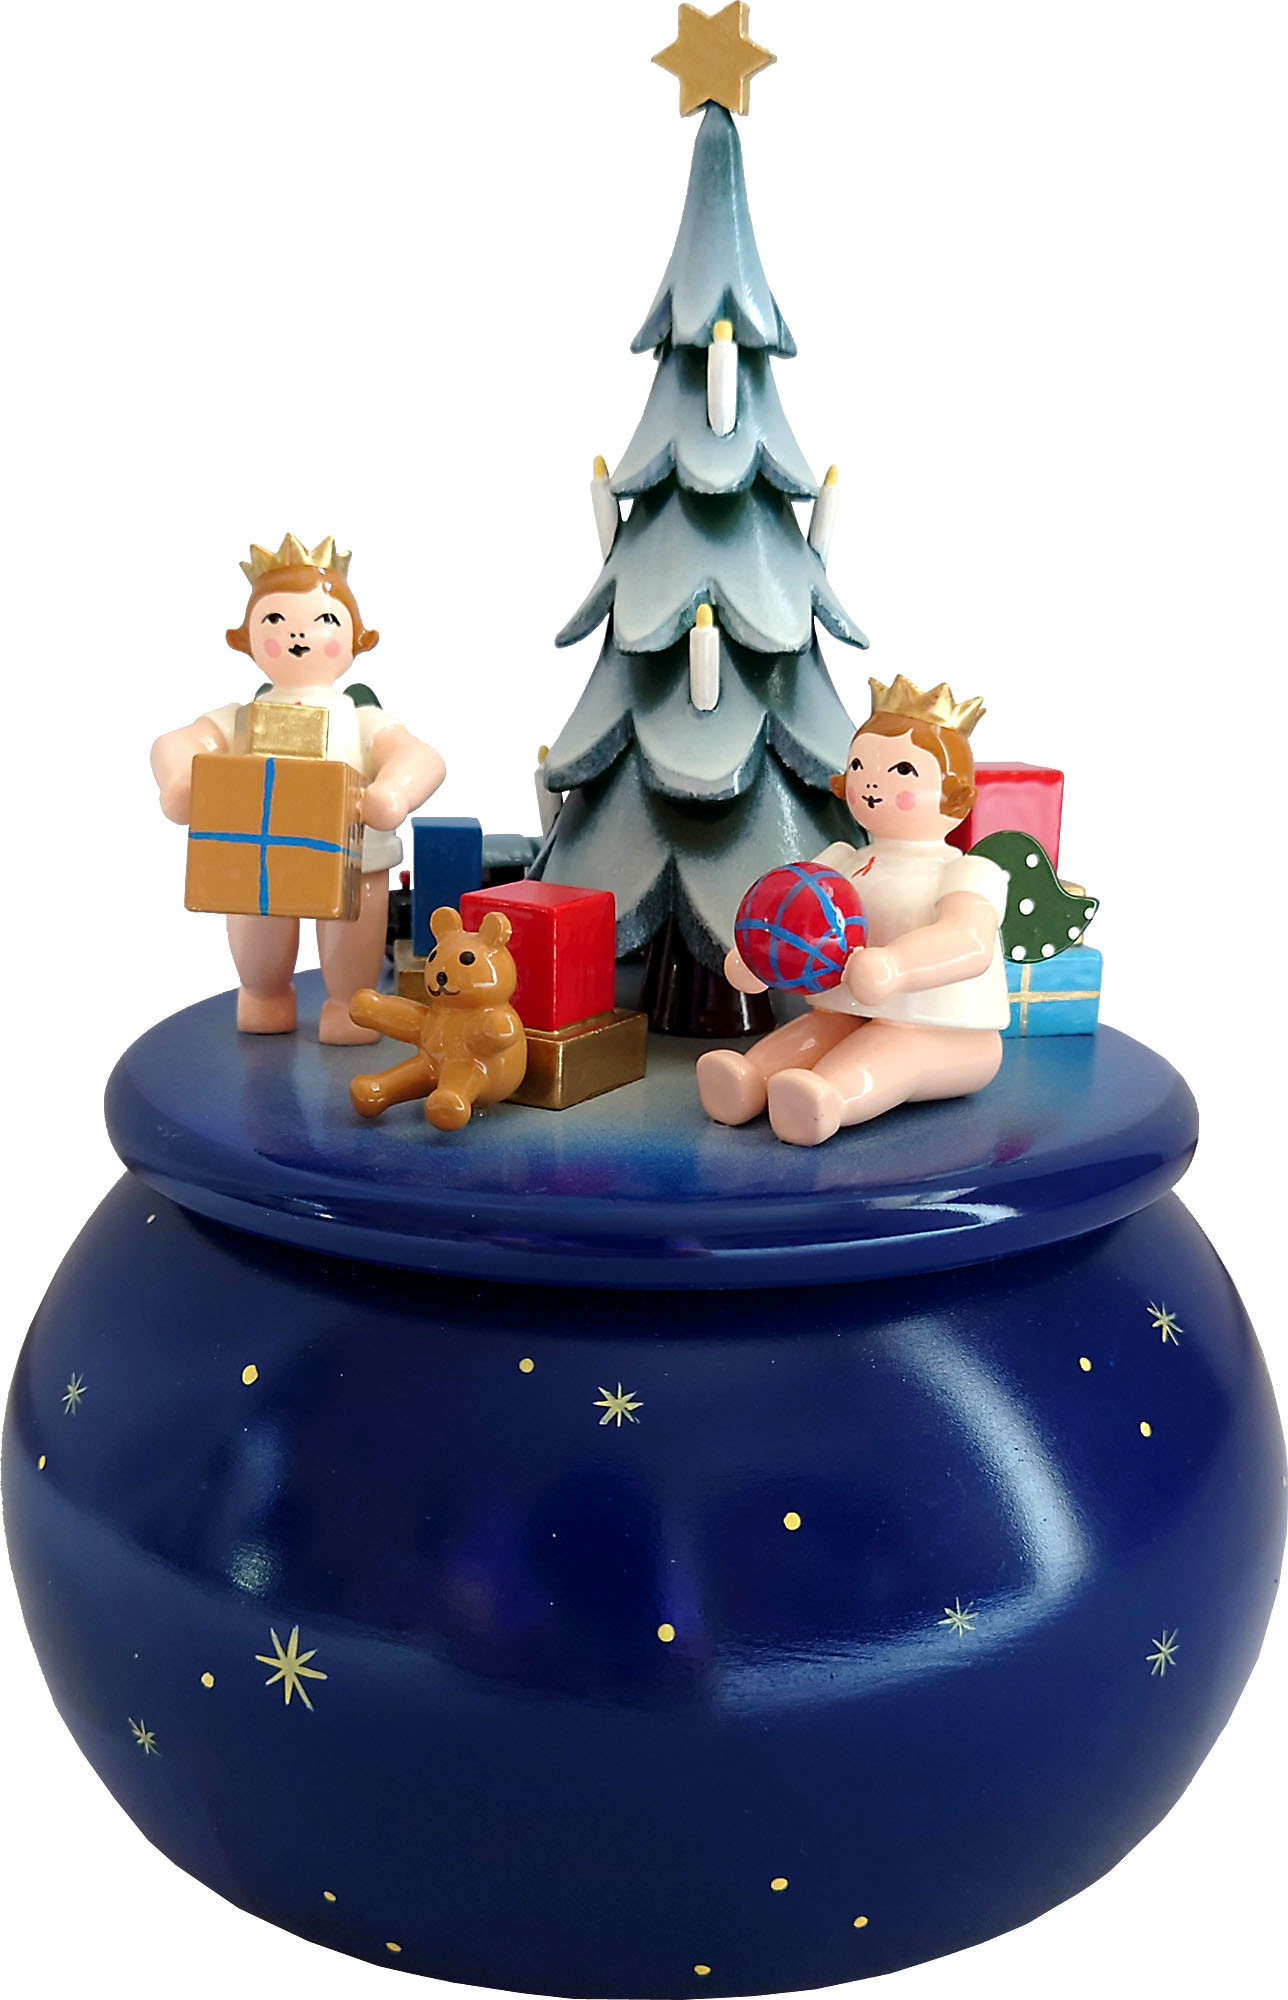 Ellmann Spieldose - Engel am Weihnachtsbaum, blau mit Sternen